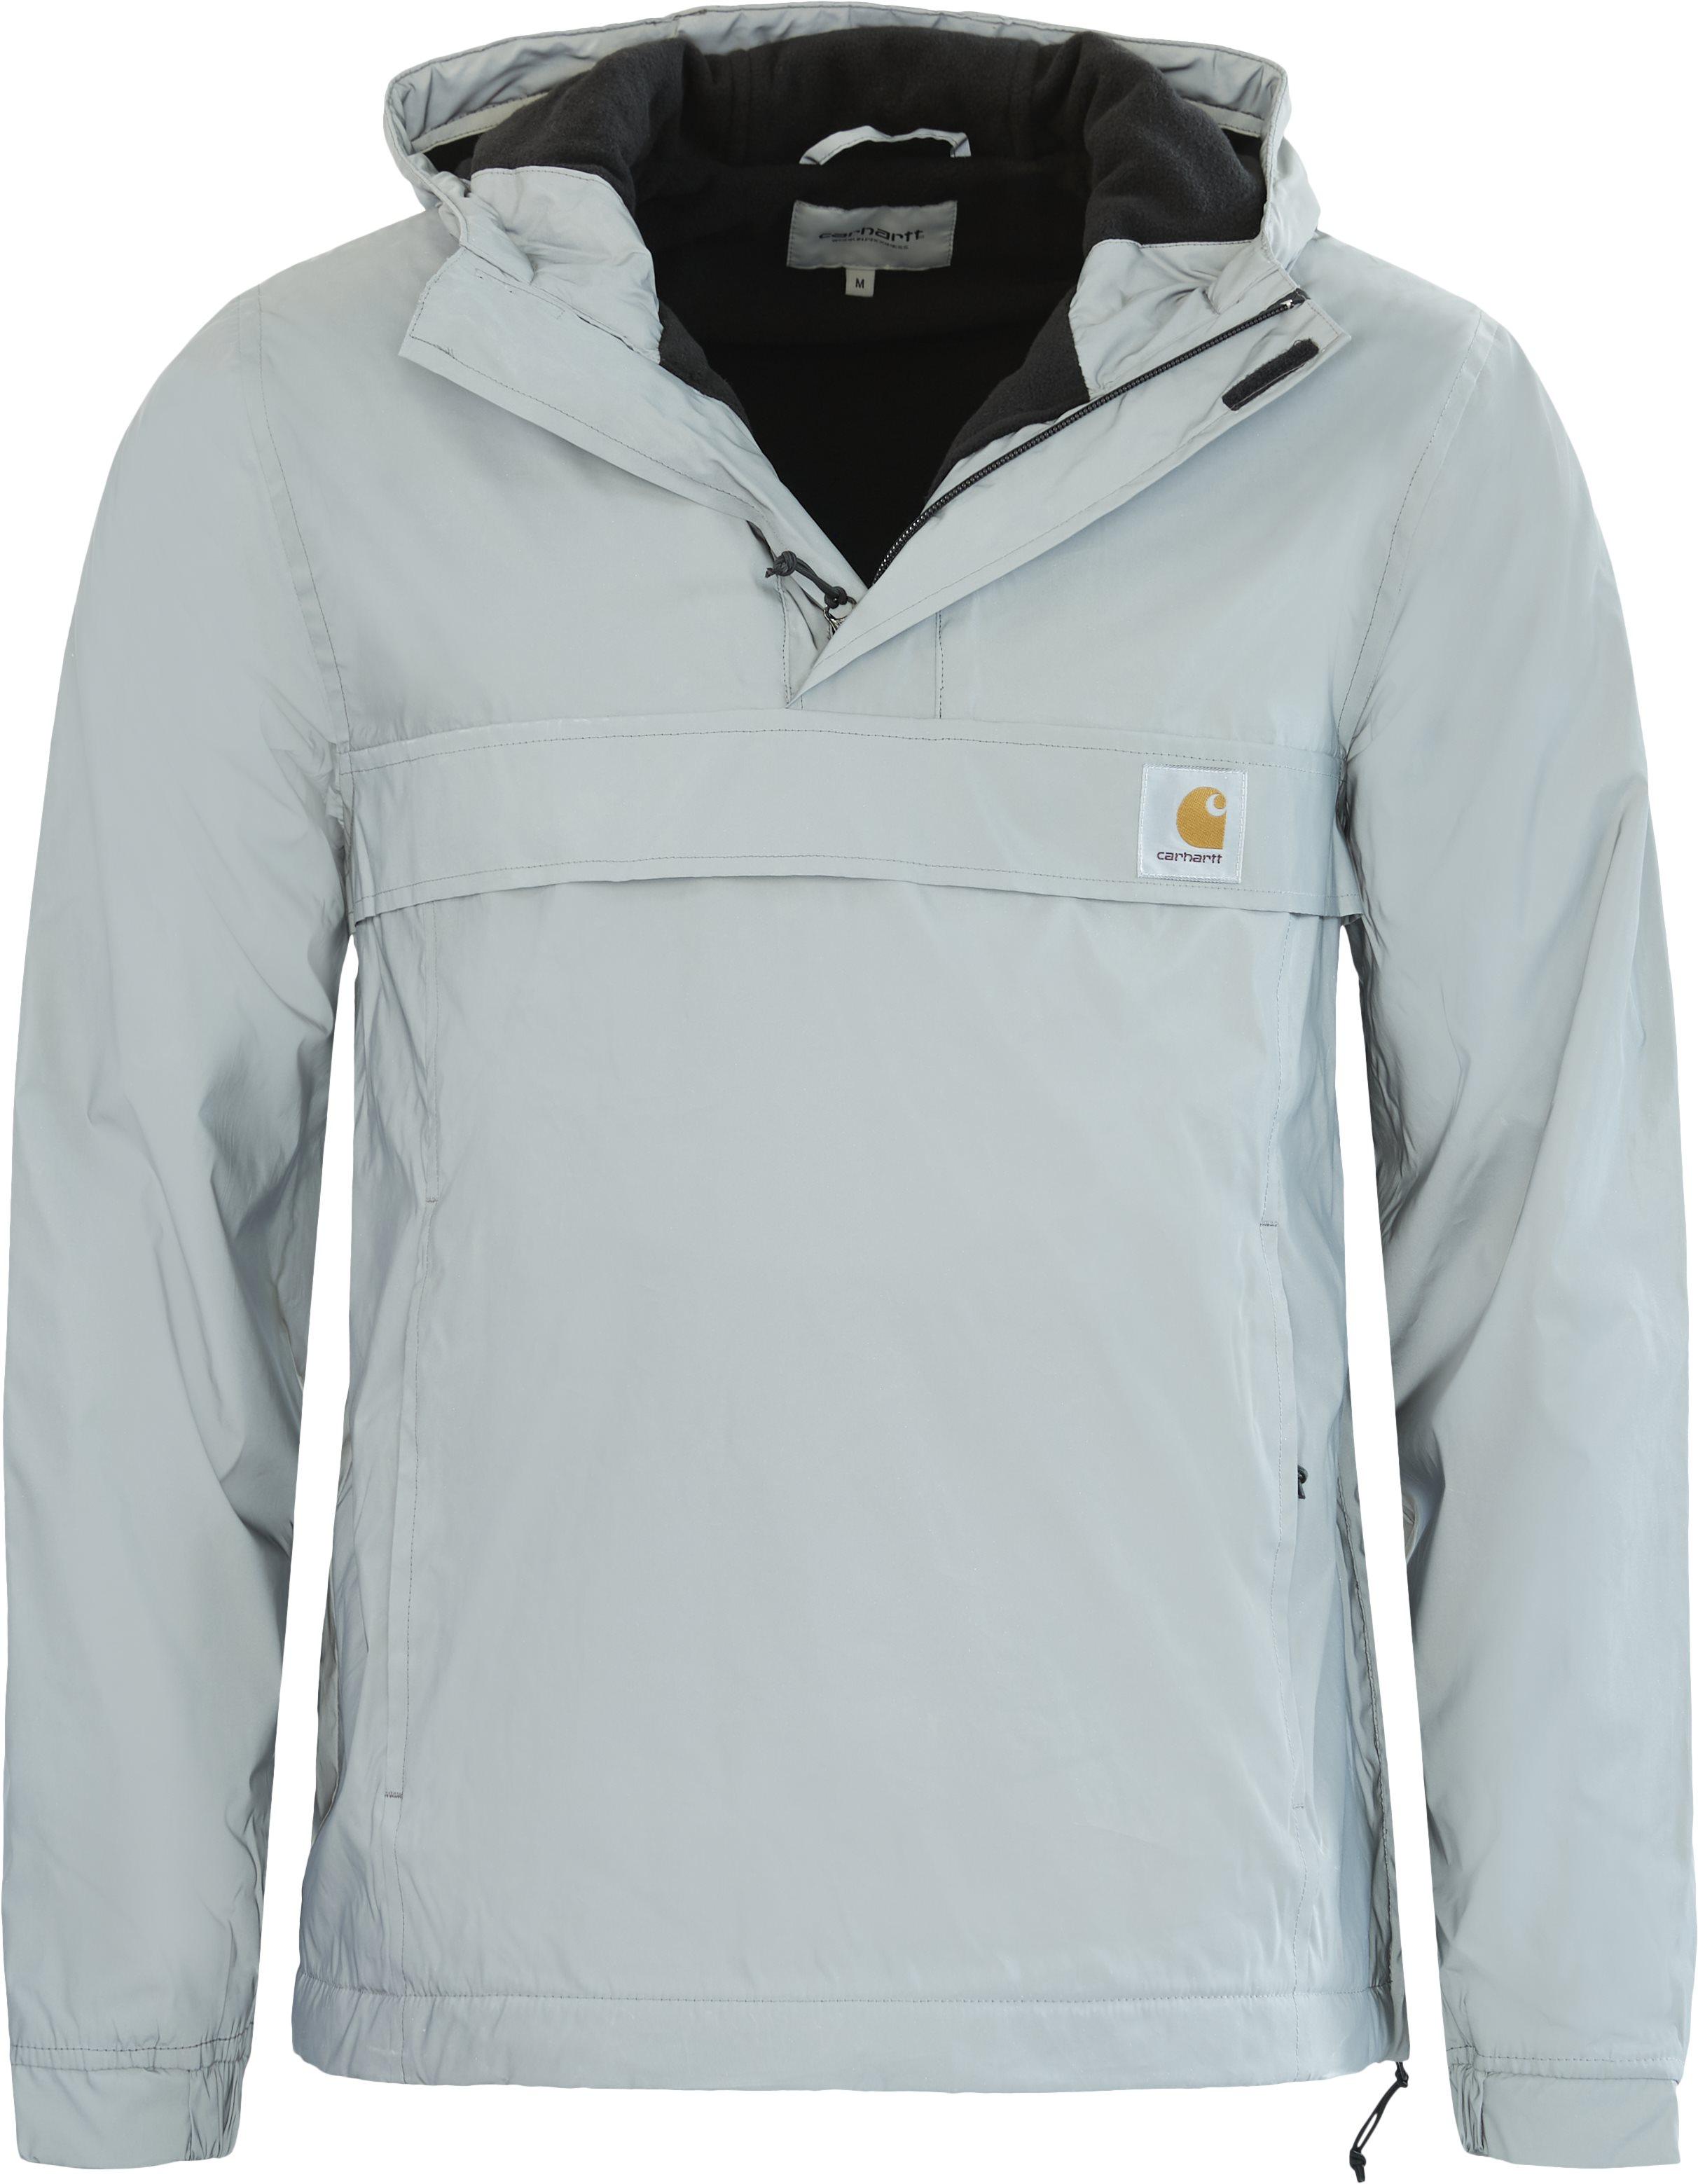 Nimbus Ref. Pullover Anorak - Jackets - Regular - Grey